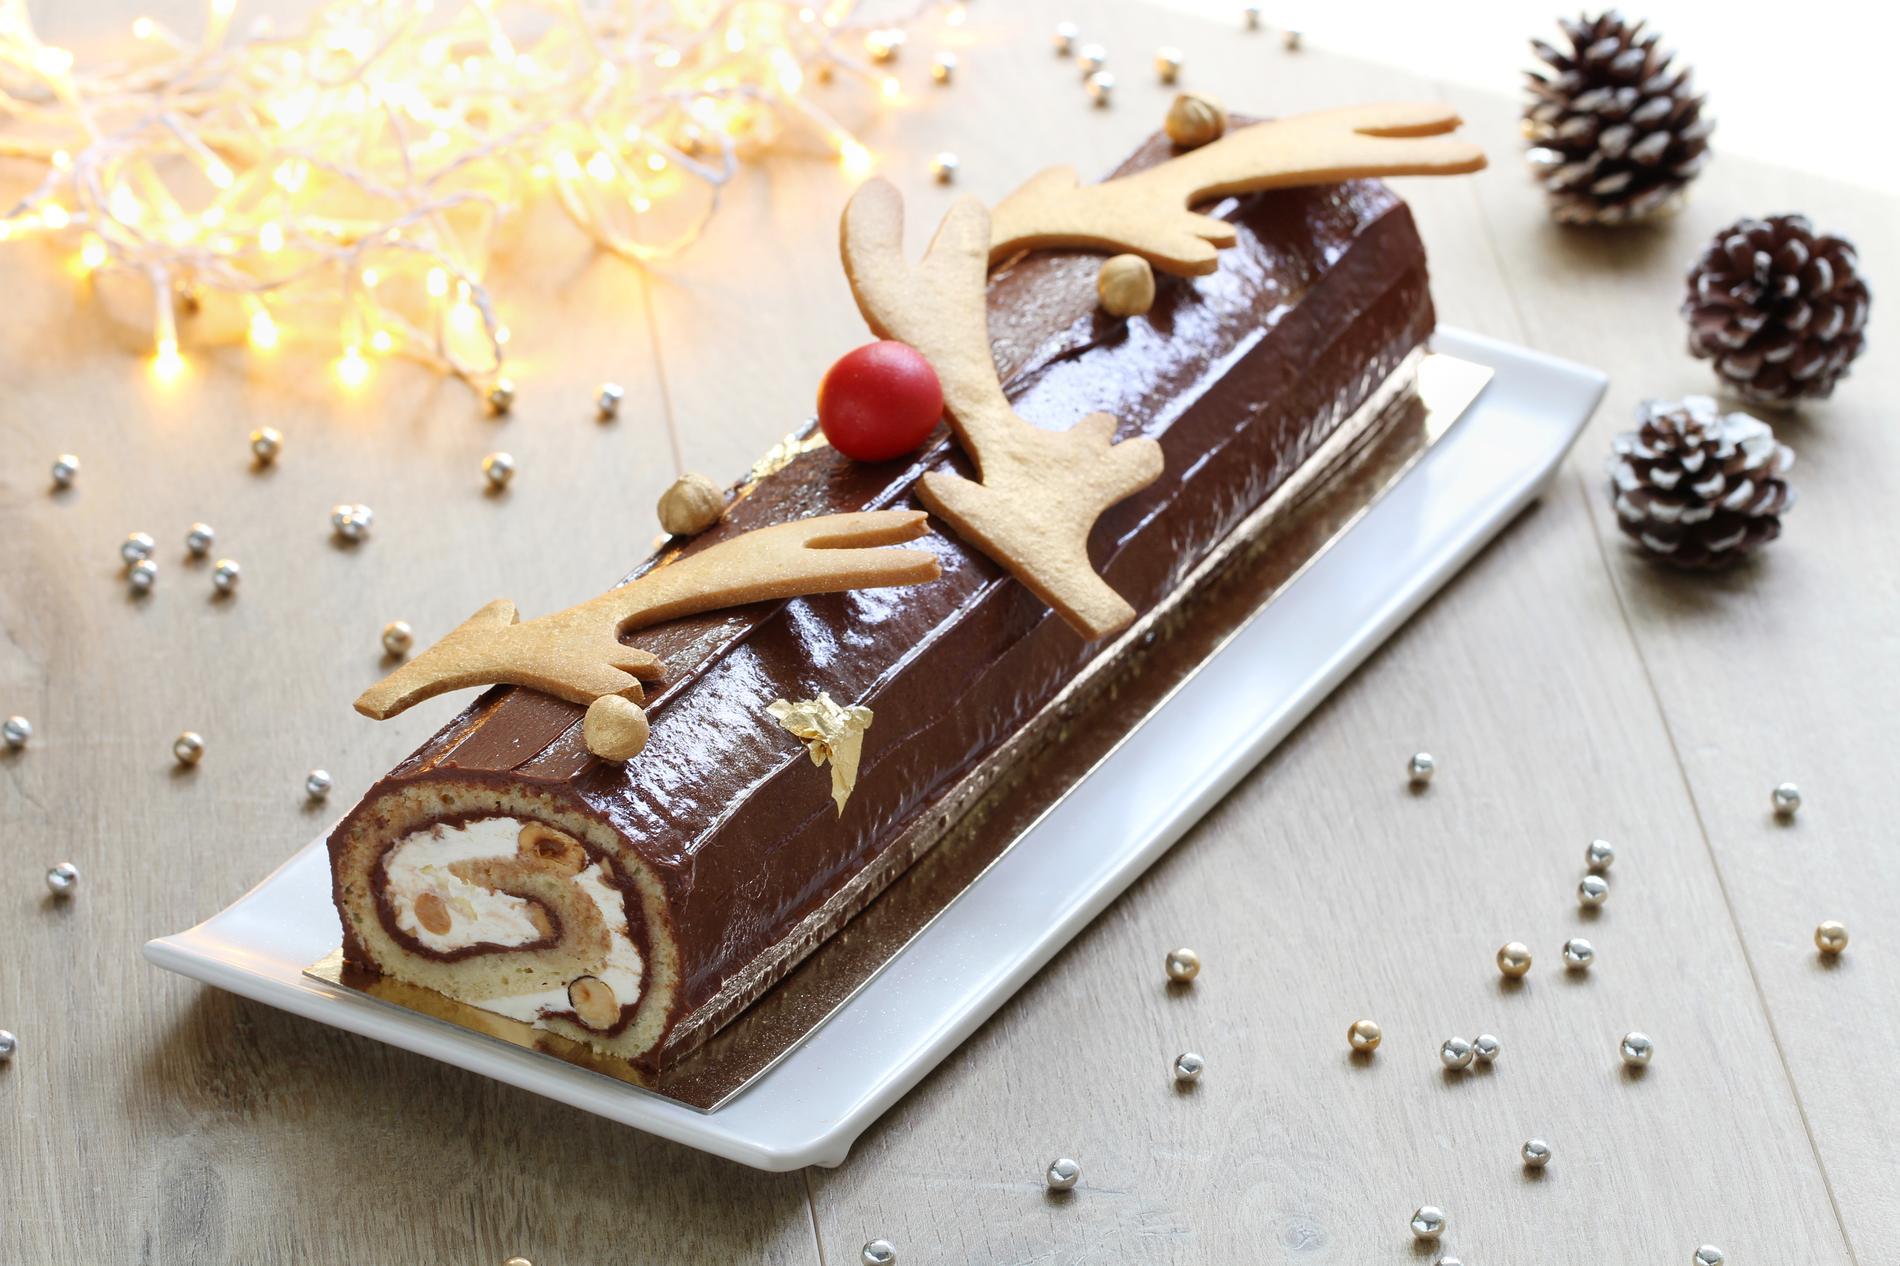 Recette Buche De Noel Facile.Bûche De Noël Au Nutella